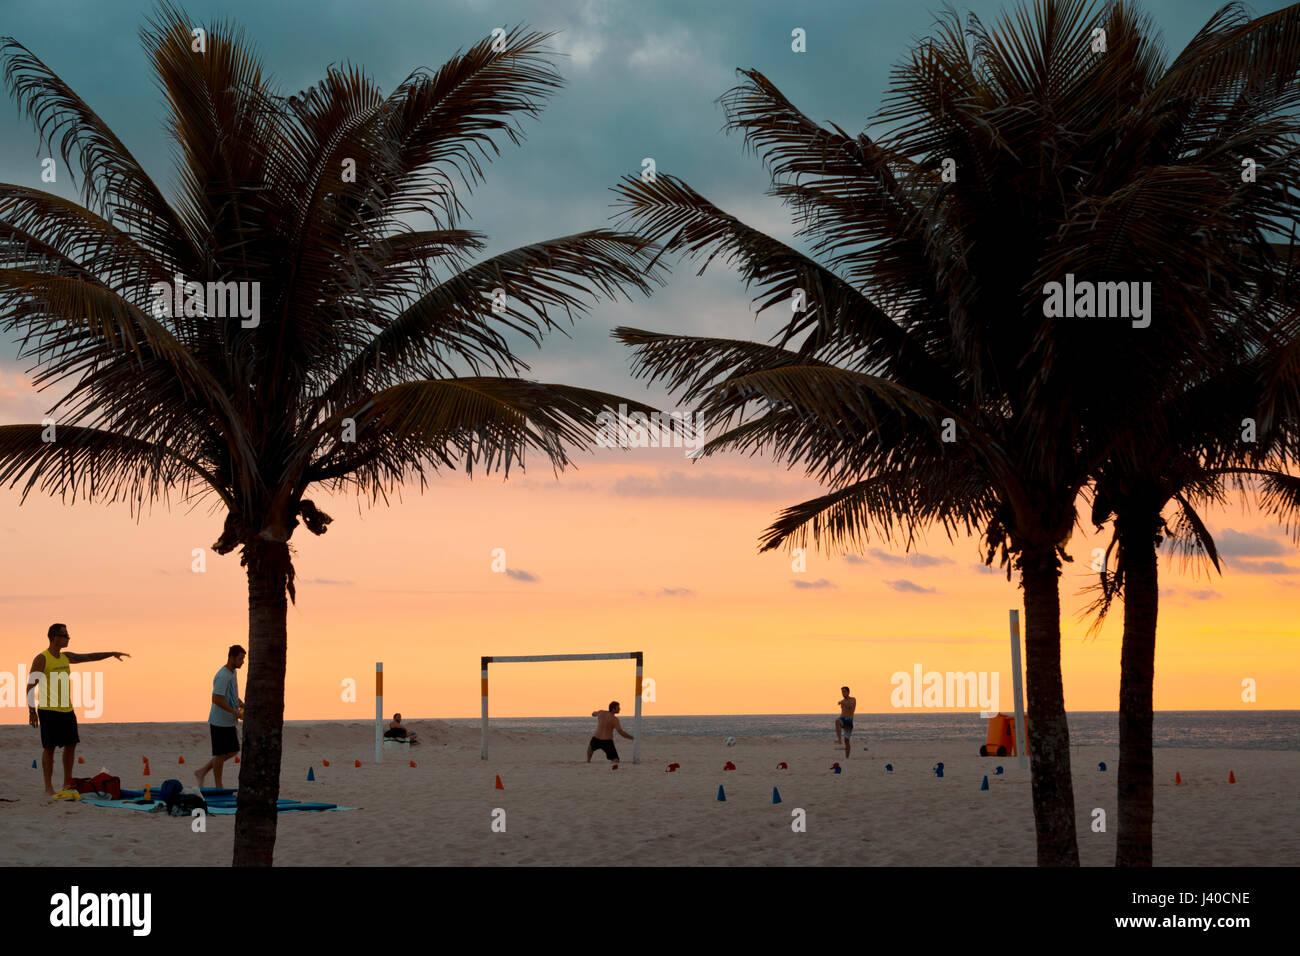 Fußball-Spieler am Strand von Ipanema während des Sonnenuntergangs, Rio De Janeiro, Brasilien Stockfoto